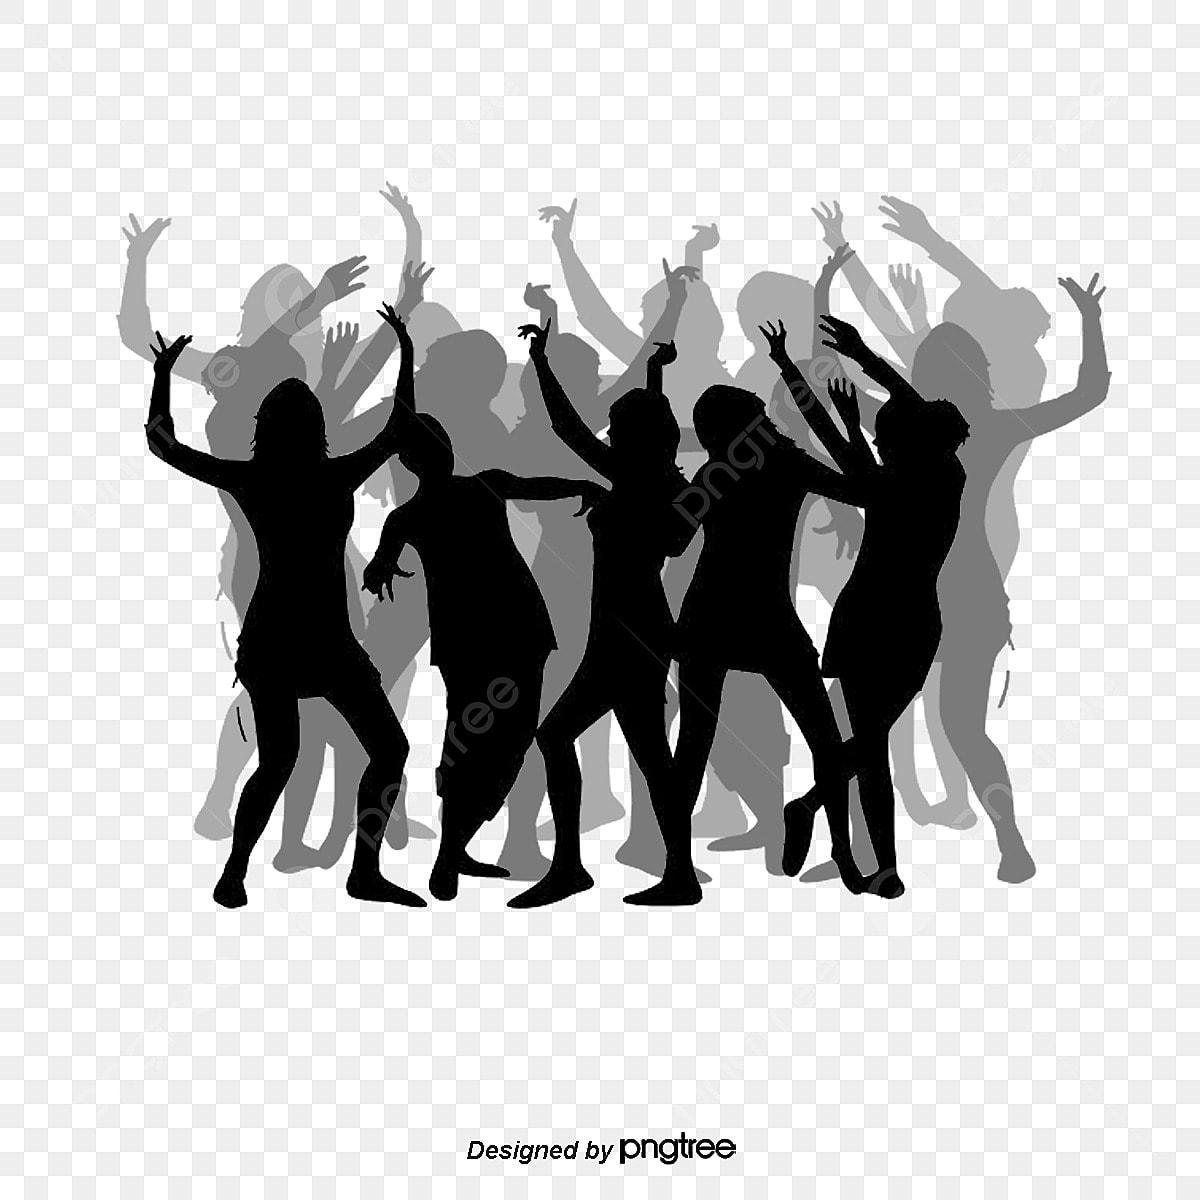 icône de groupe de personnes - Telecharger Vectoriel Gratuit, Clipart  Graphique, Vecteur Dessins et Pictogramme Gratuit